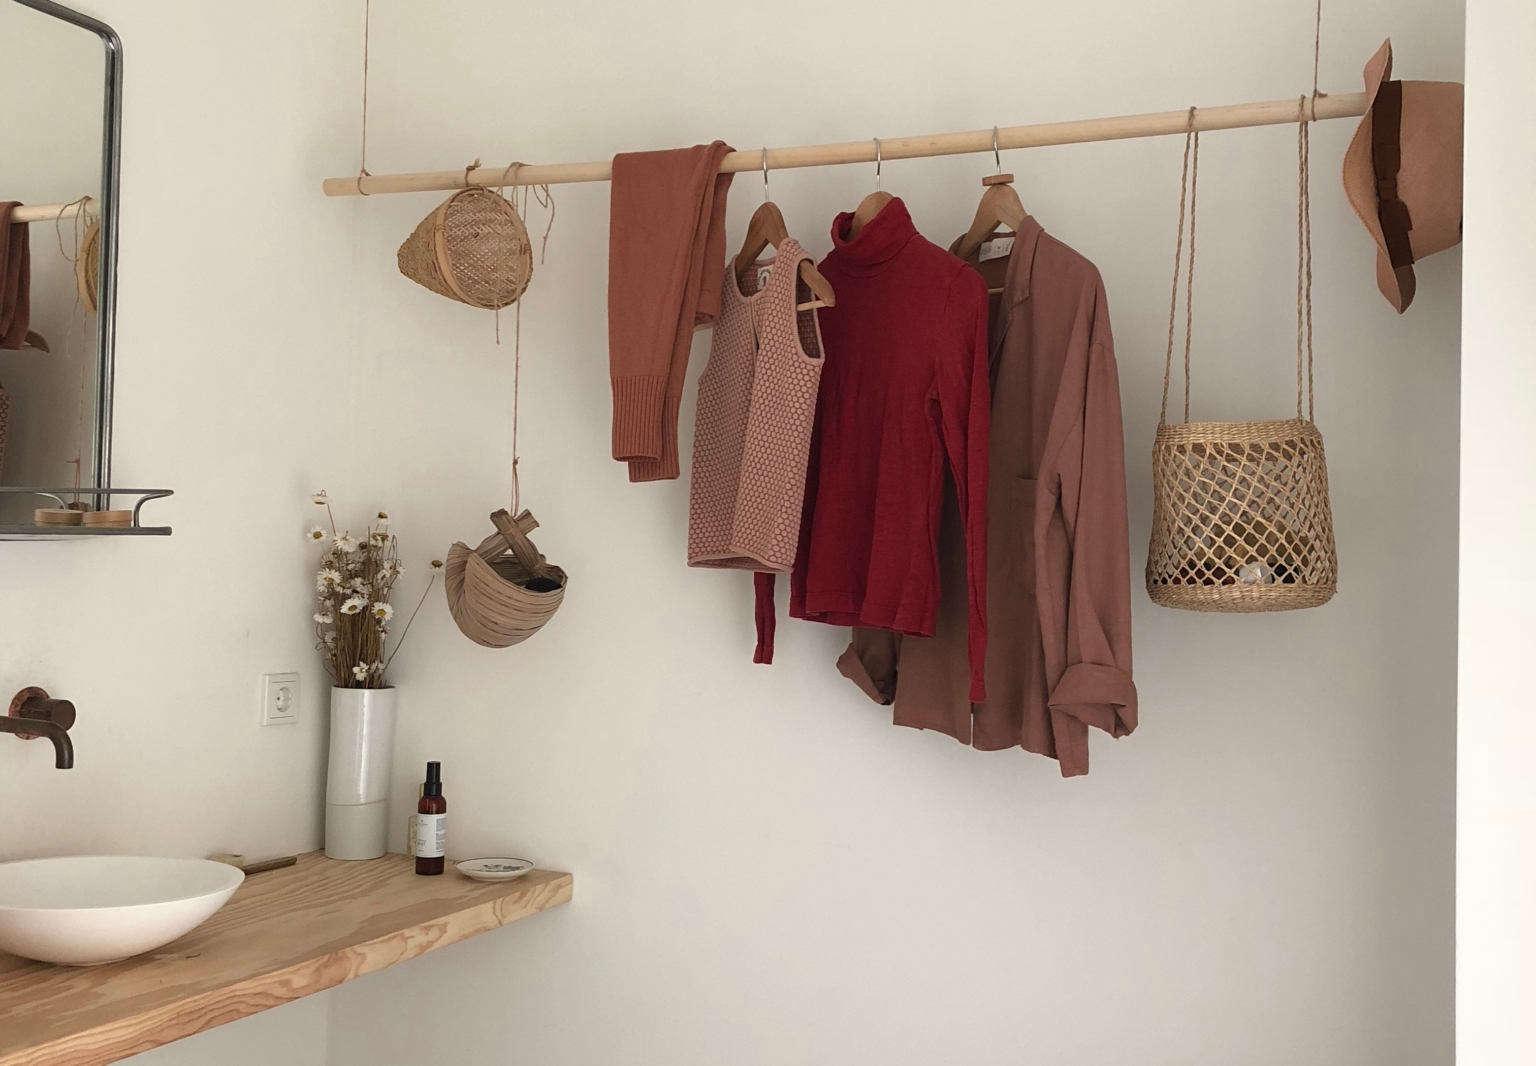 DIY hanging storage rod in bathroom, Sanne Hop house, Netherlands. Sanne Hop photo.